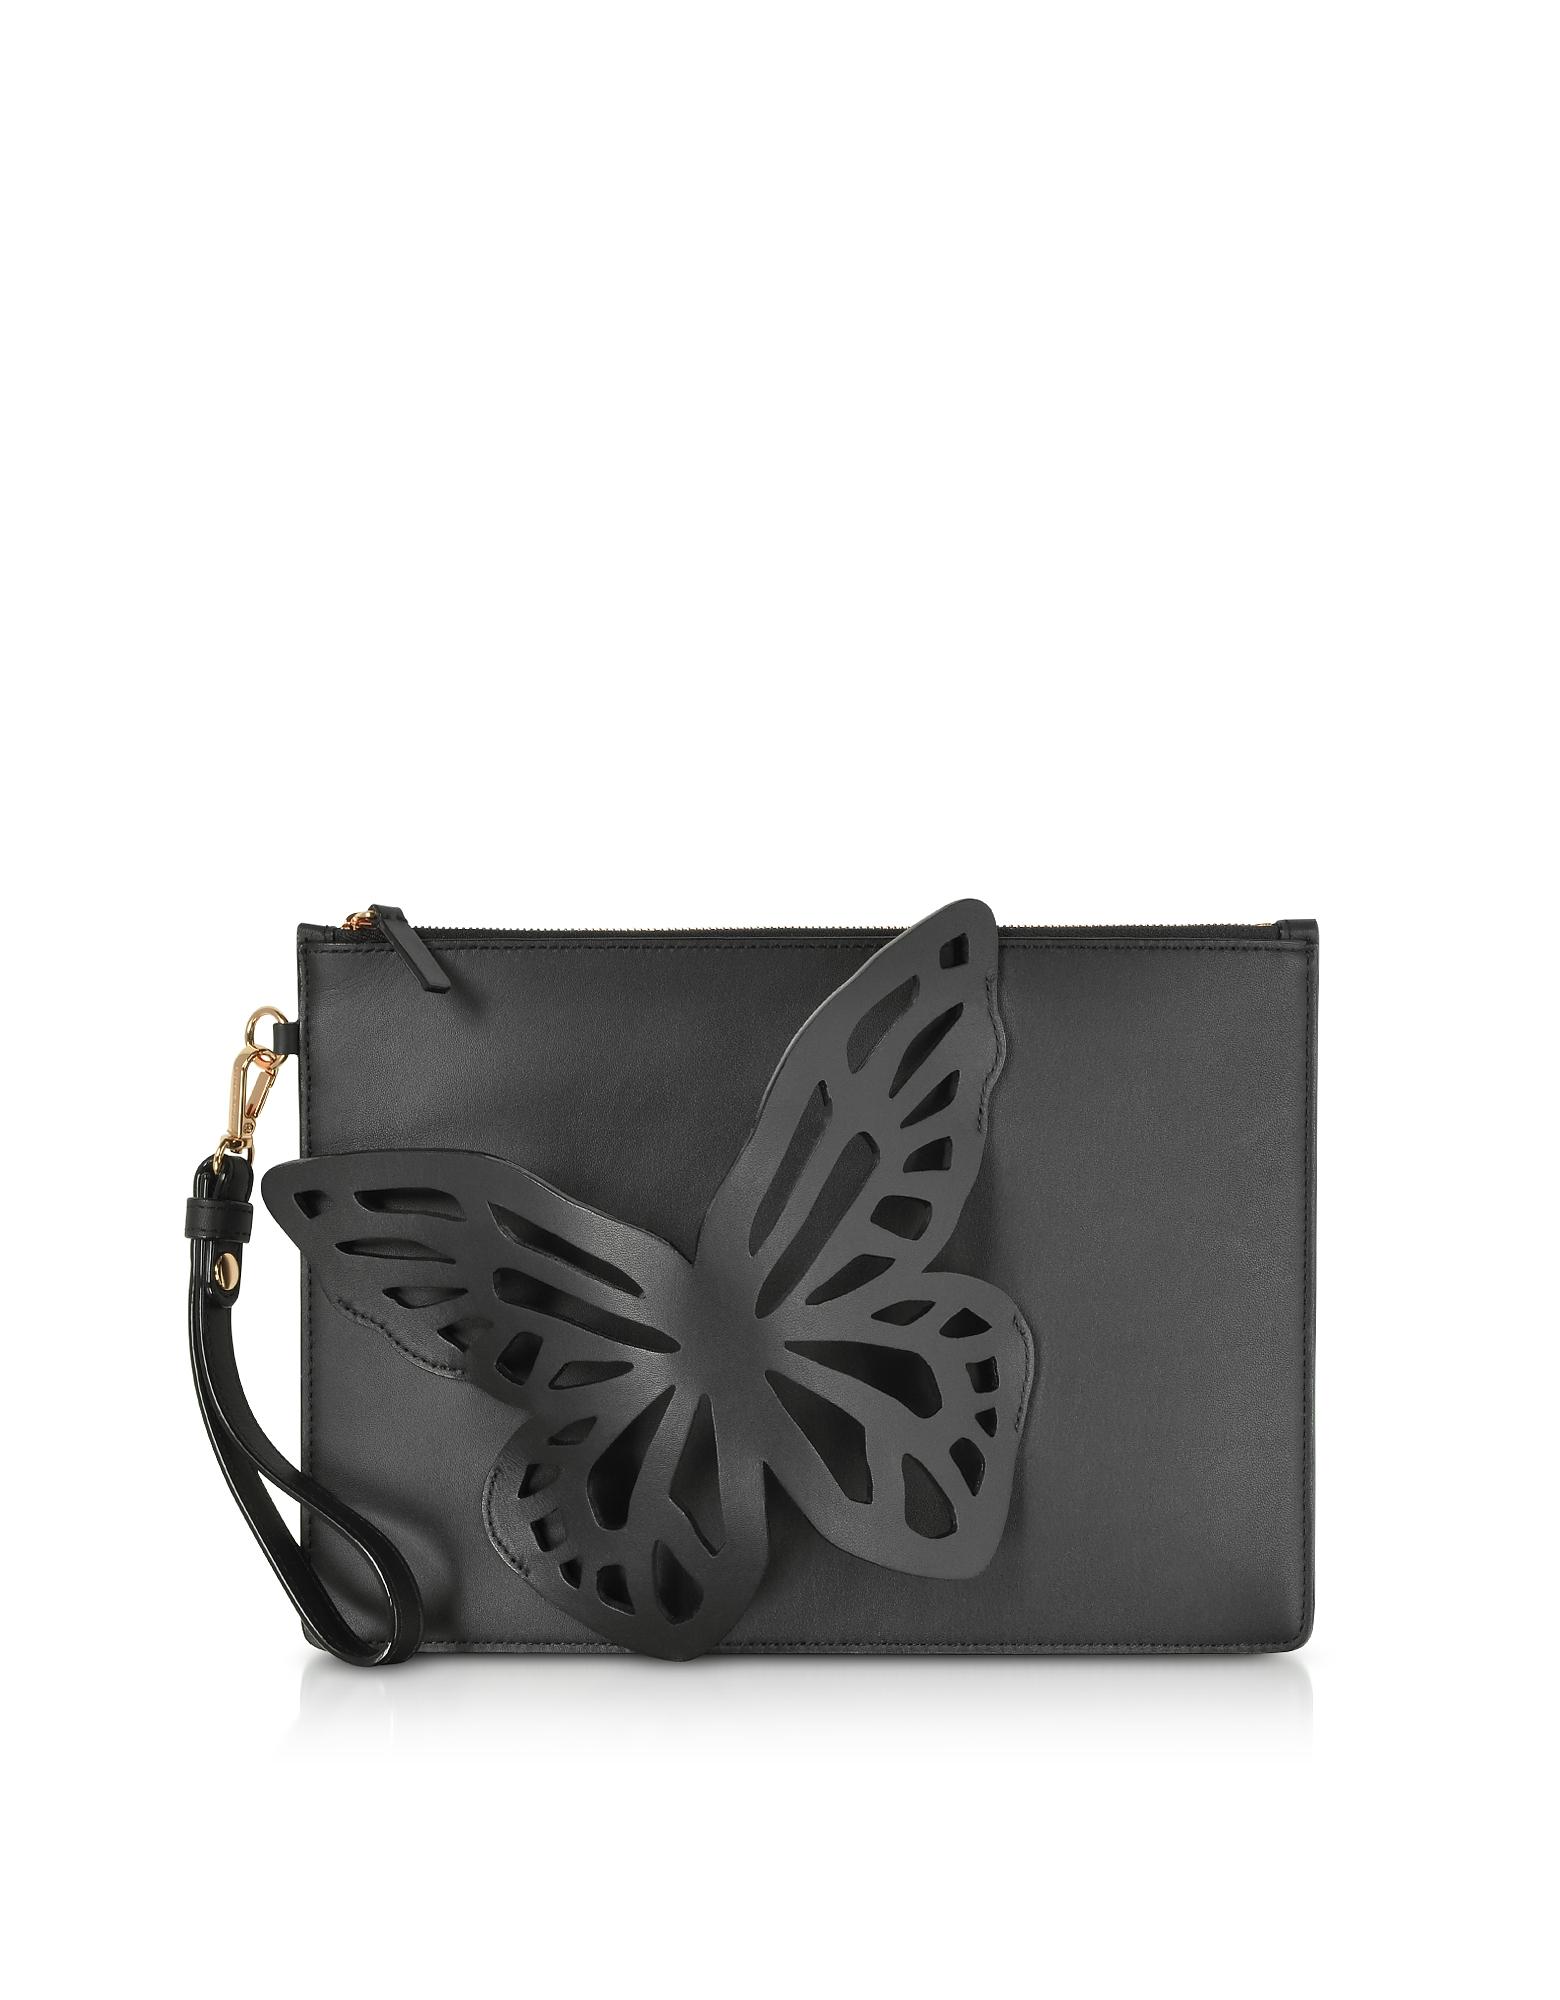 Sophia Webster Handbags, Black Flossy Butterfly Pouchette